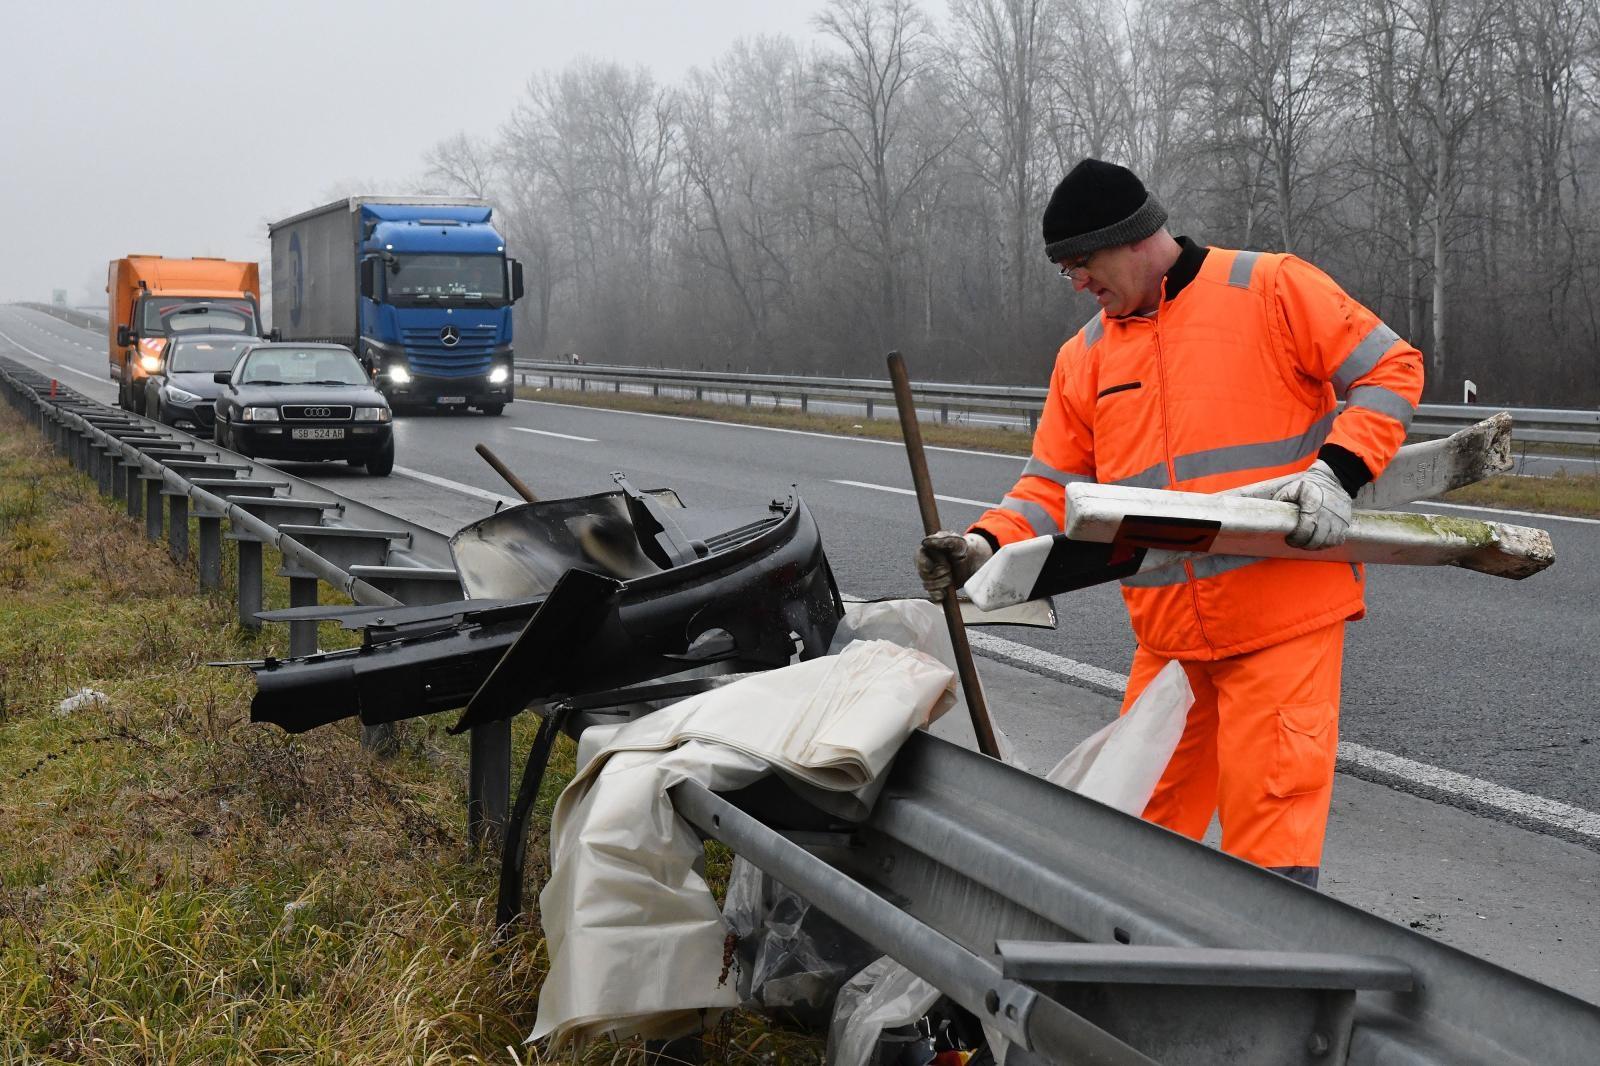 Teška prometna nesreća na A3, smrtno stradala jedna osoba